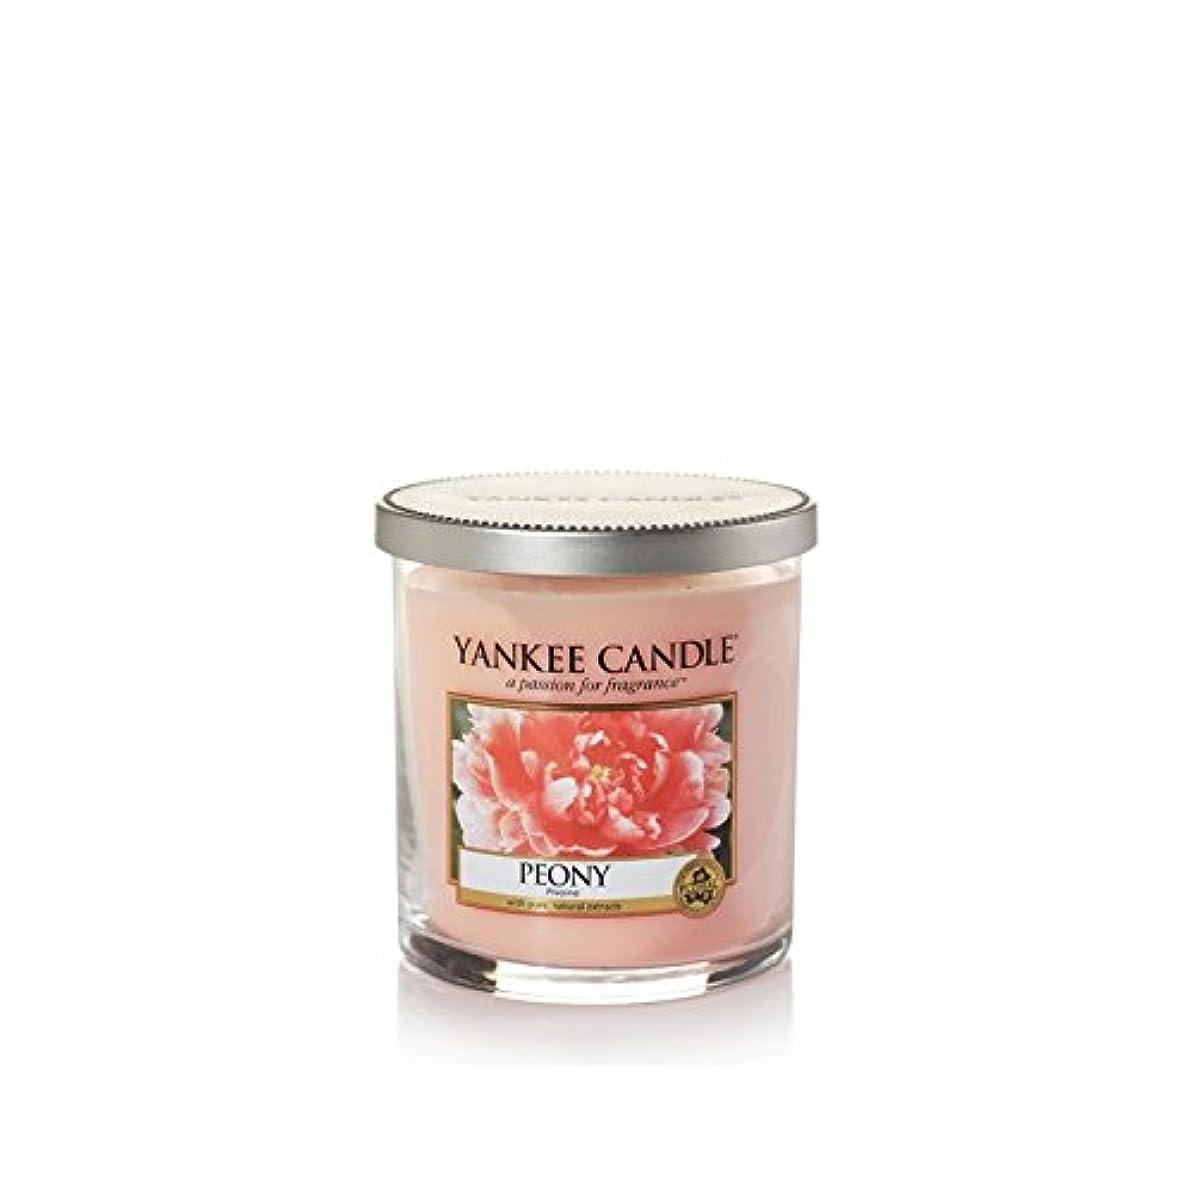 ファッション全滅させる倒産Yankee Candles Small Pillar Candle - Peony (Pack of 6) - ヤンキーキャンドルの小さな柱キャンドル - 牡丹 (x6) [並行輸入品]